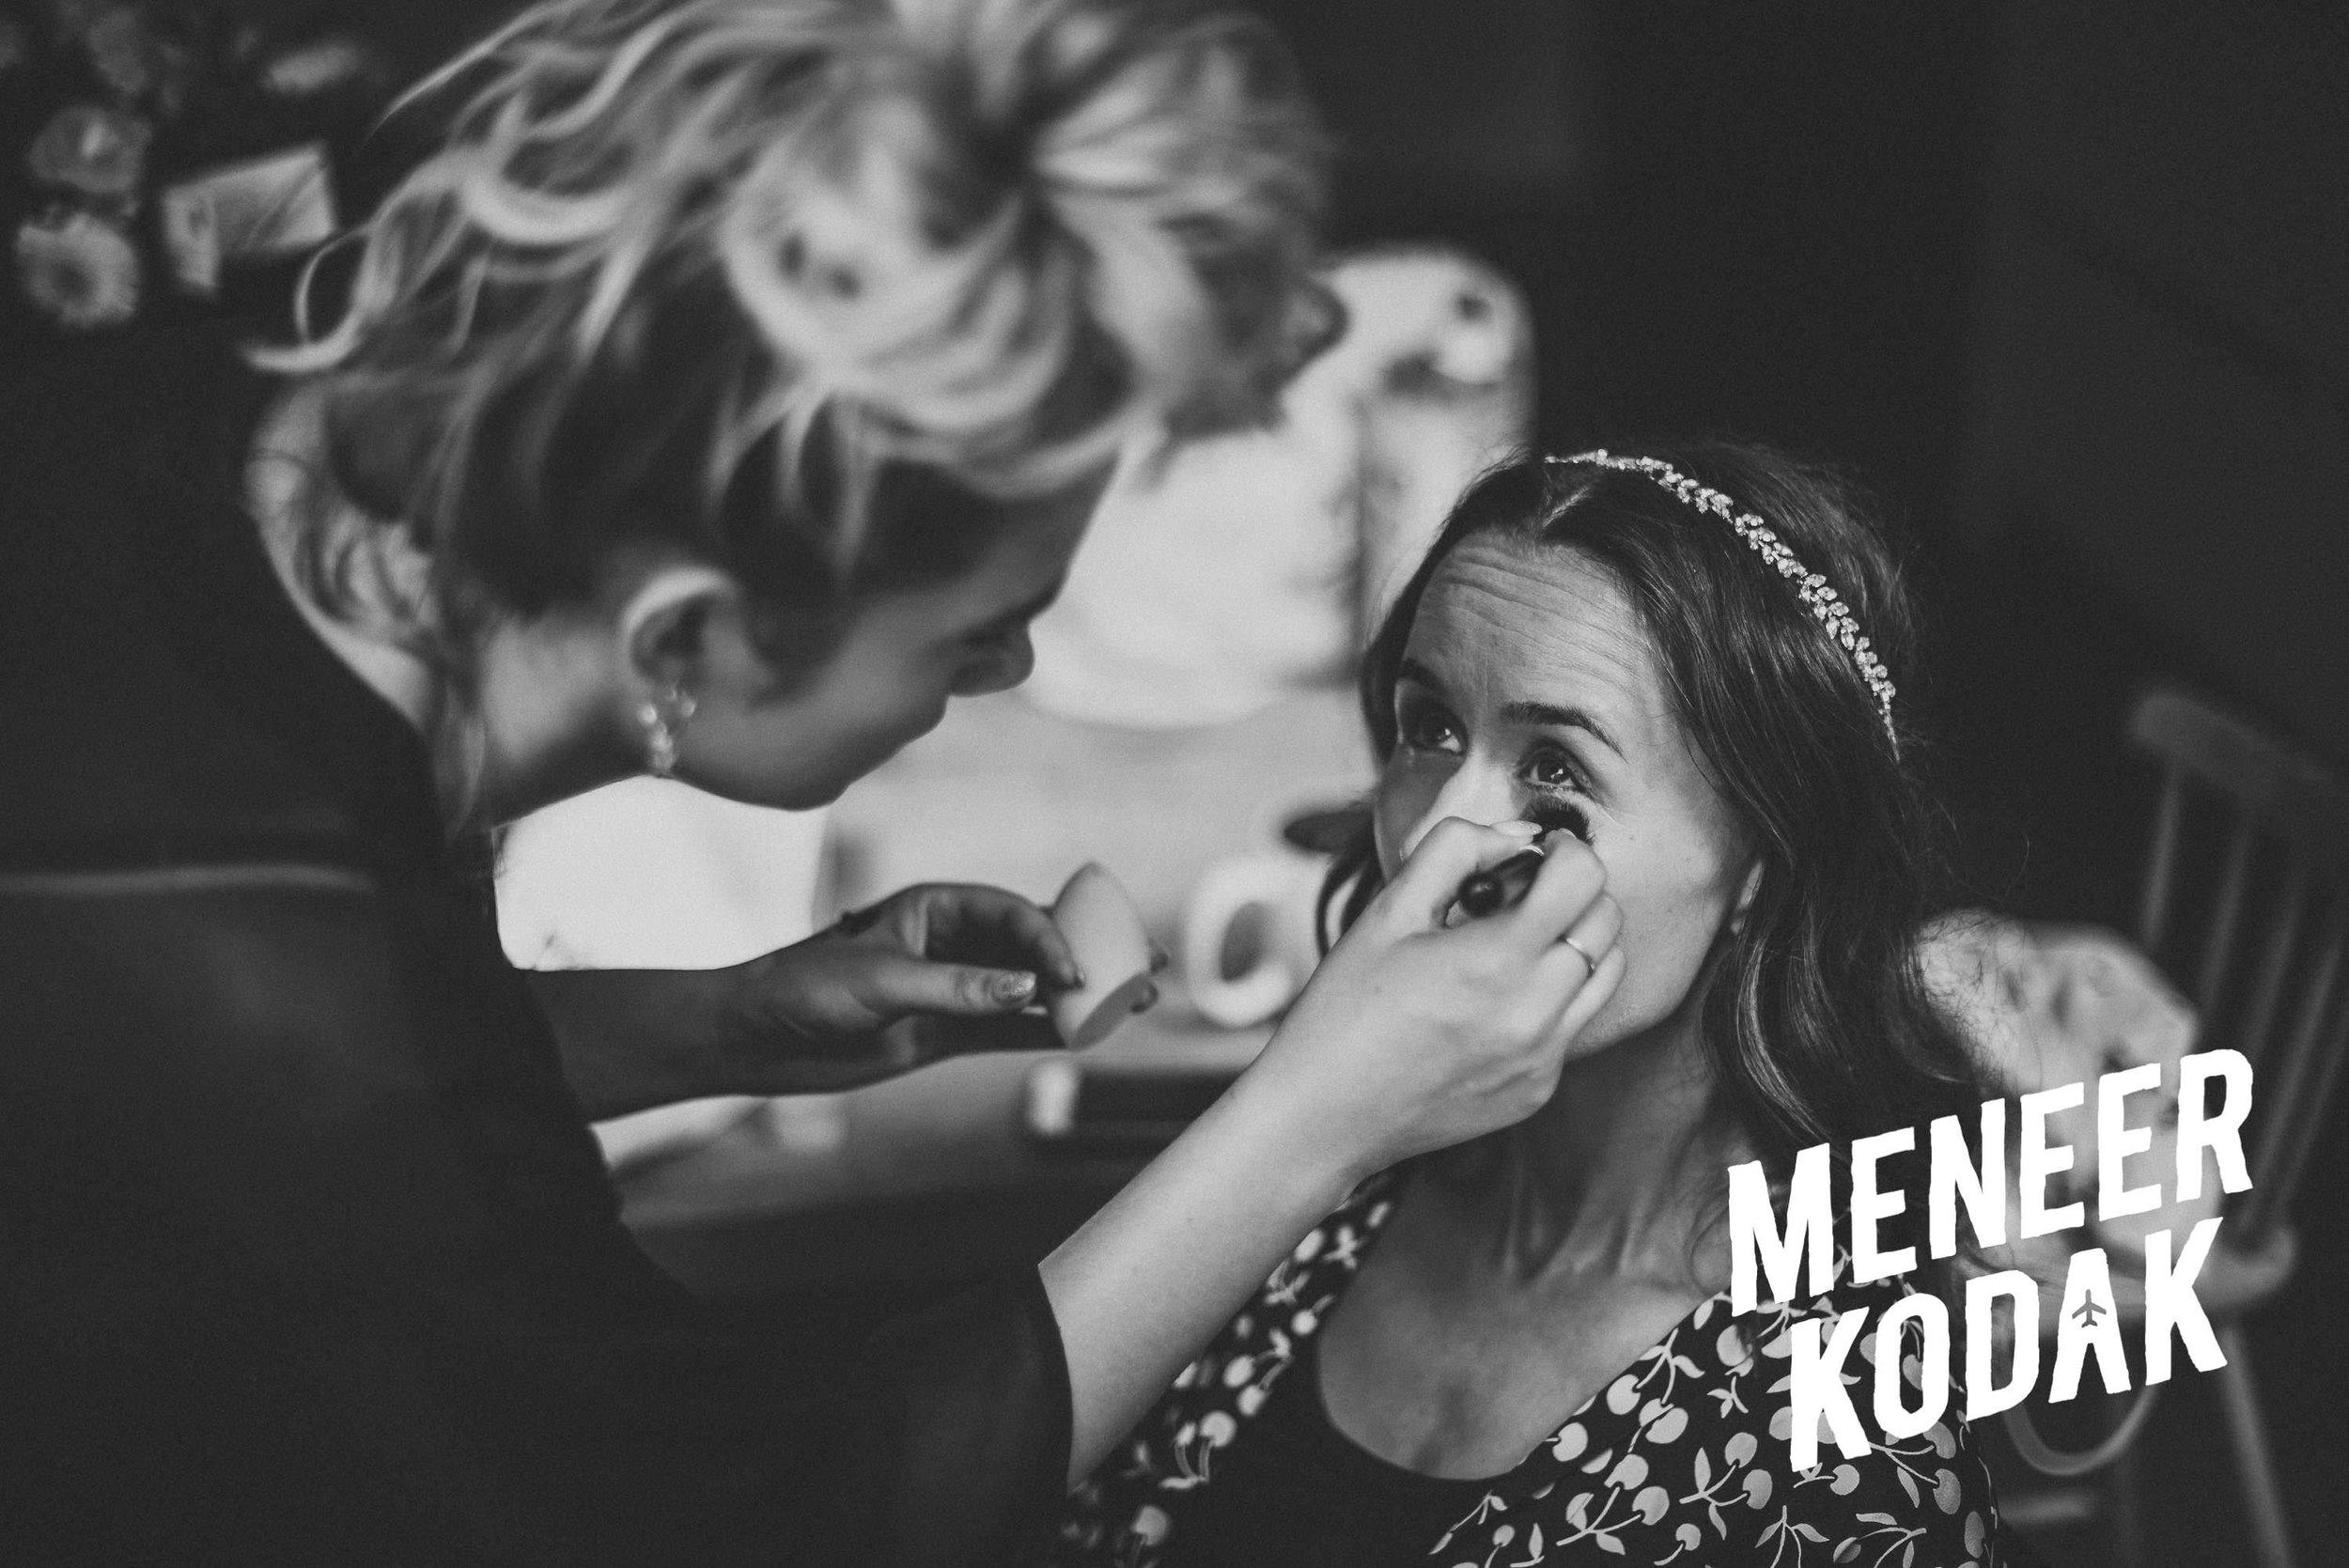 Meneer Kodak - Trouwfotograaf - Amsterdam - H&T-014.jpg